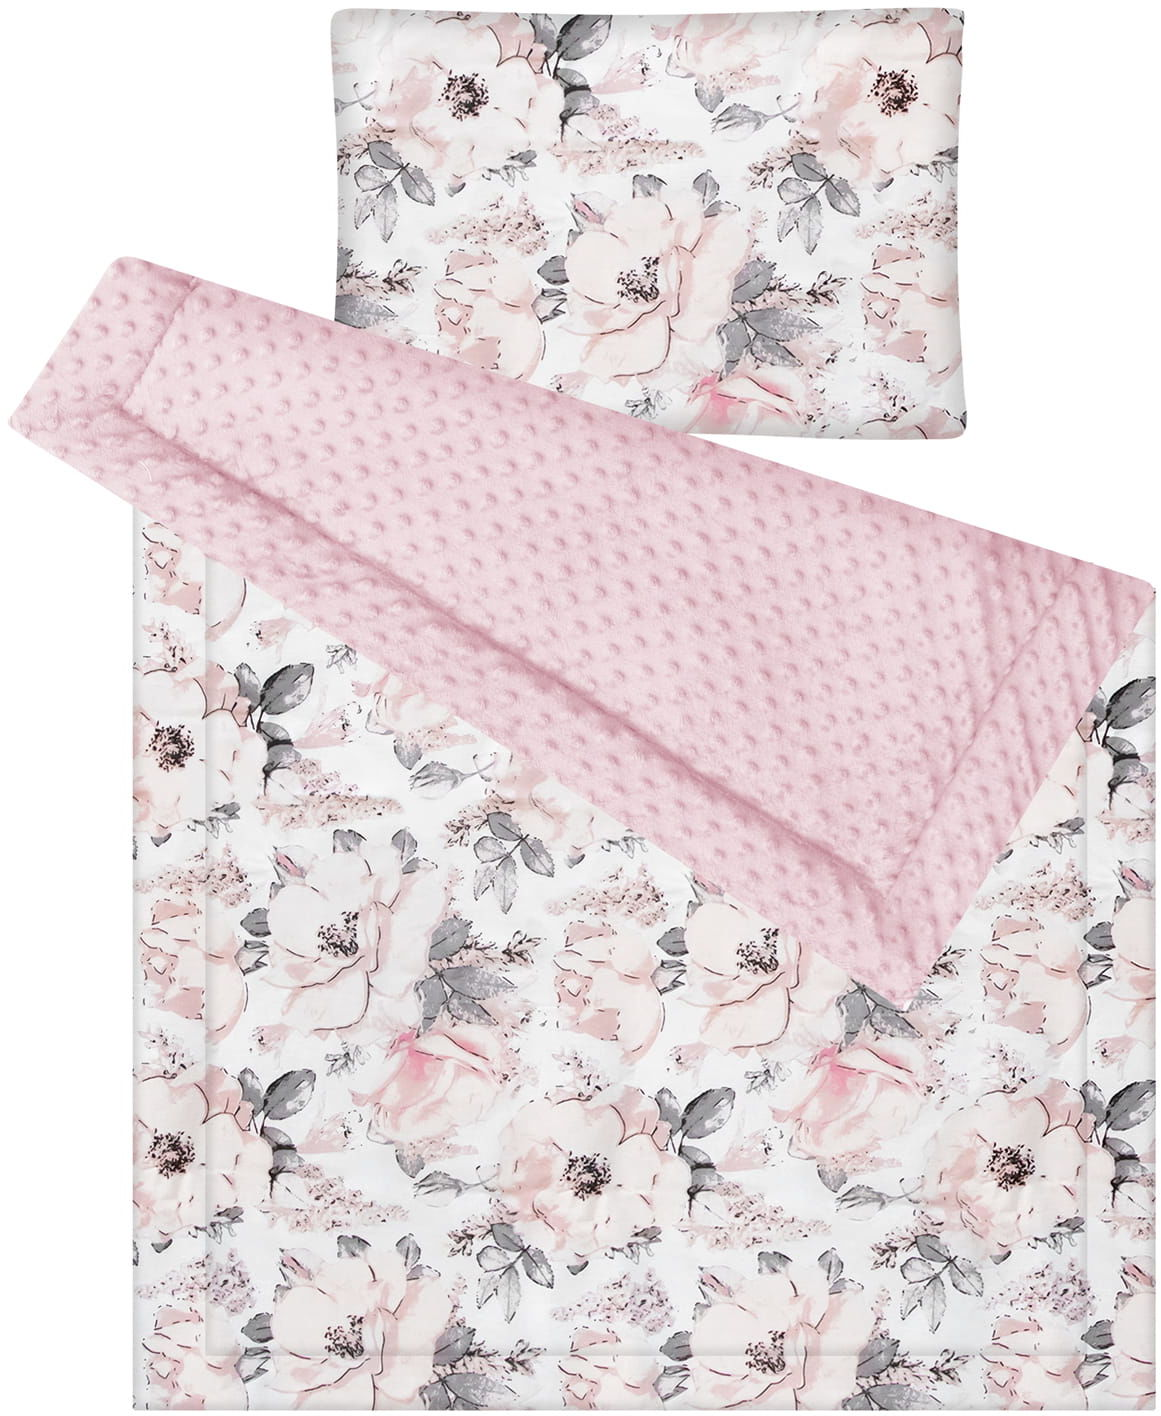 Kocyk i poduszka flowers różowe minky 75x100 cm